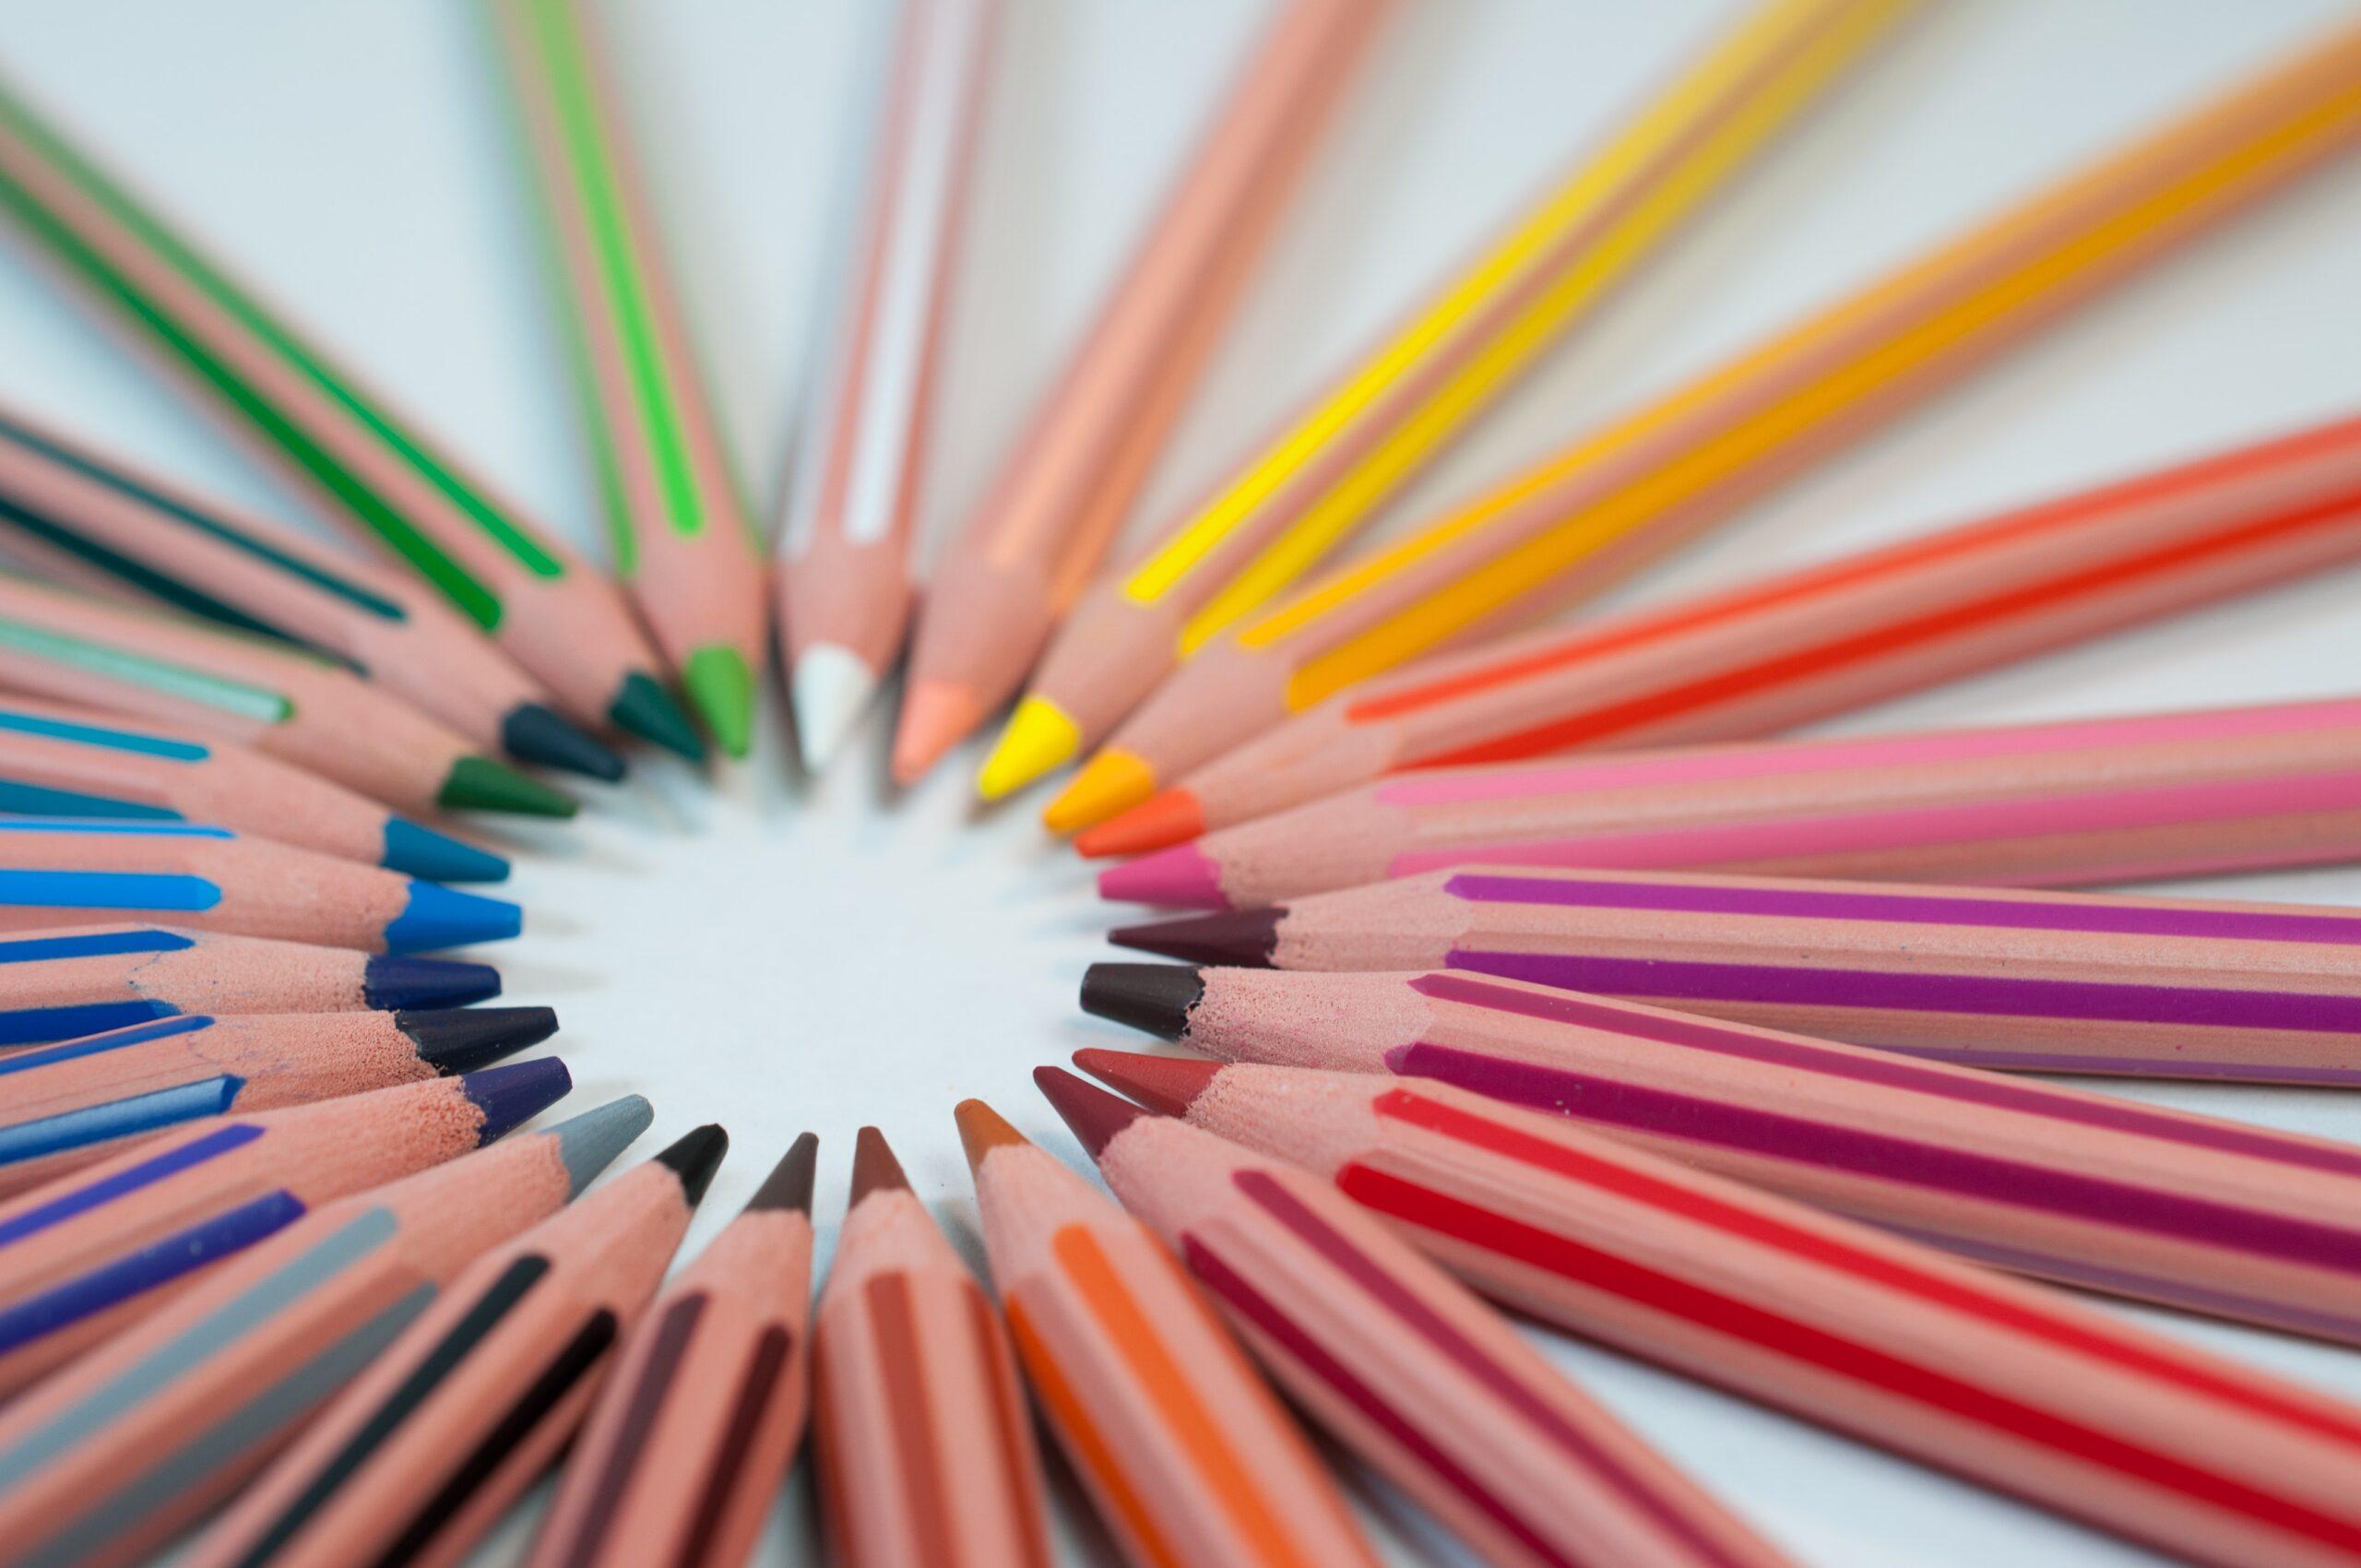 Lifelong learning   Ecco come la scuola dovrebbe promuovere le competenze trasversali